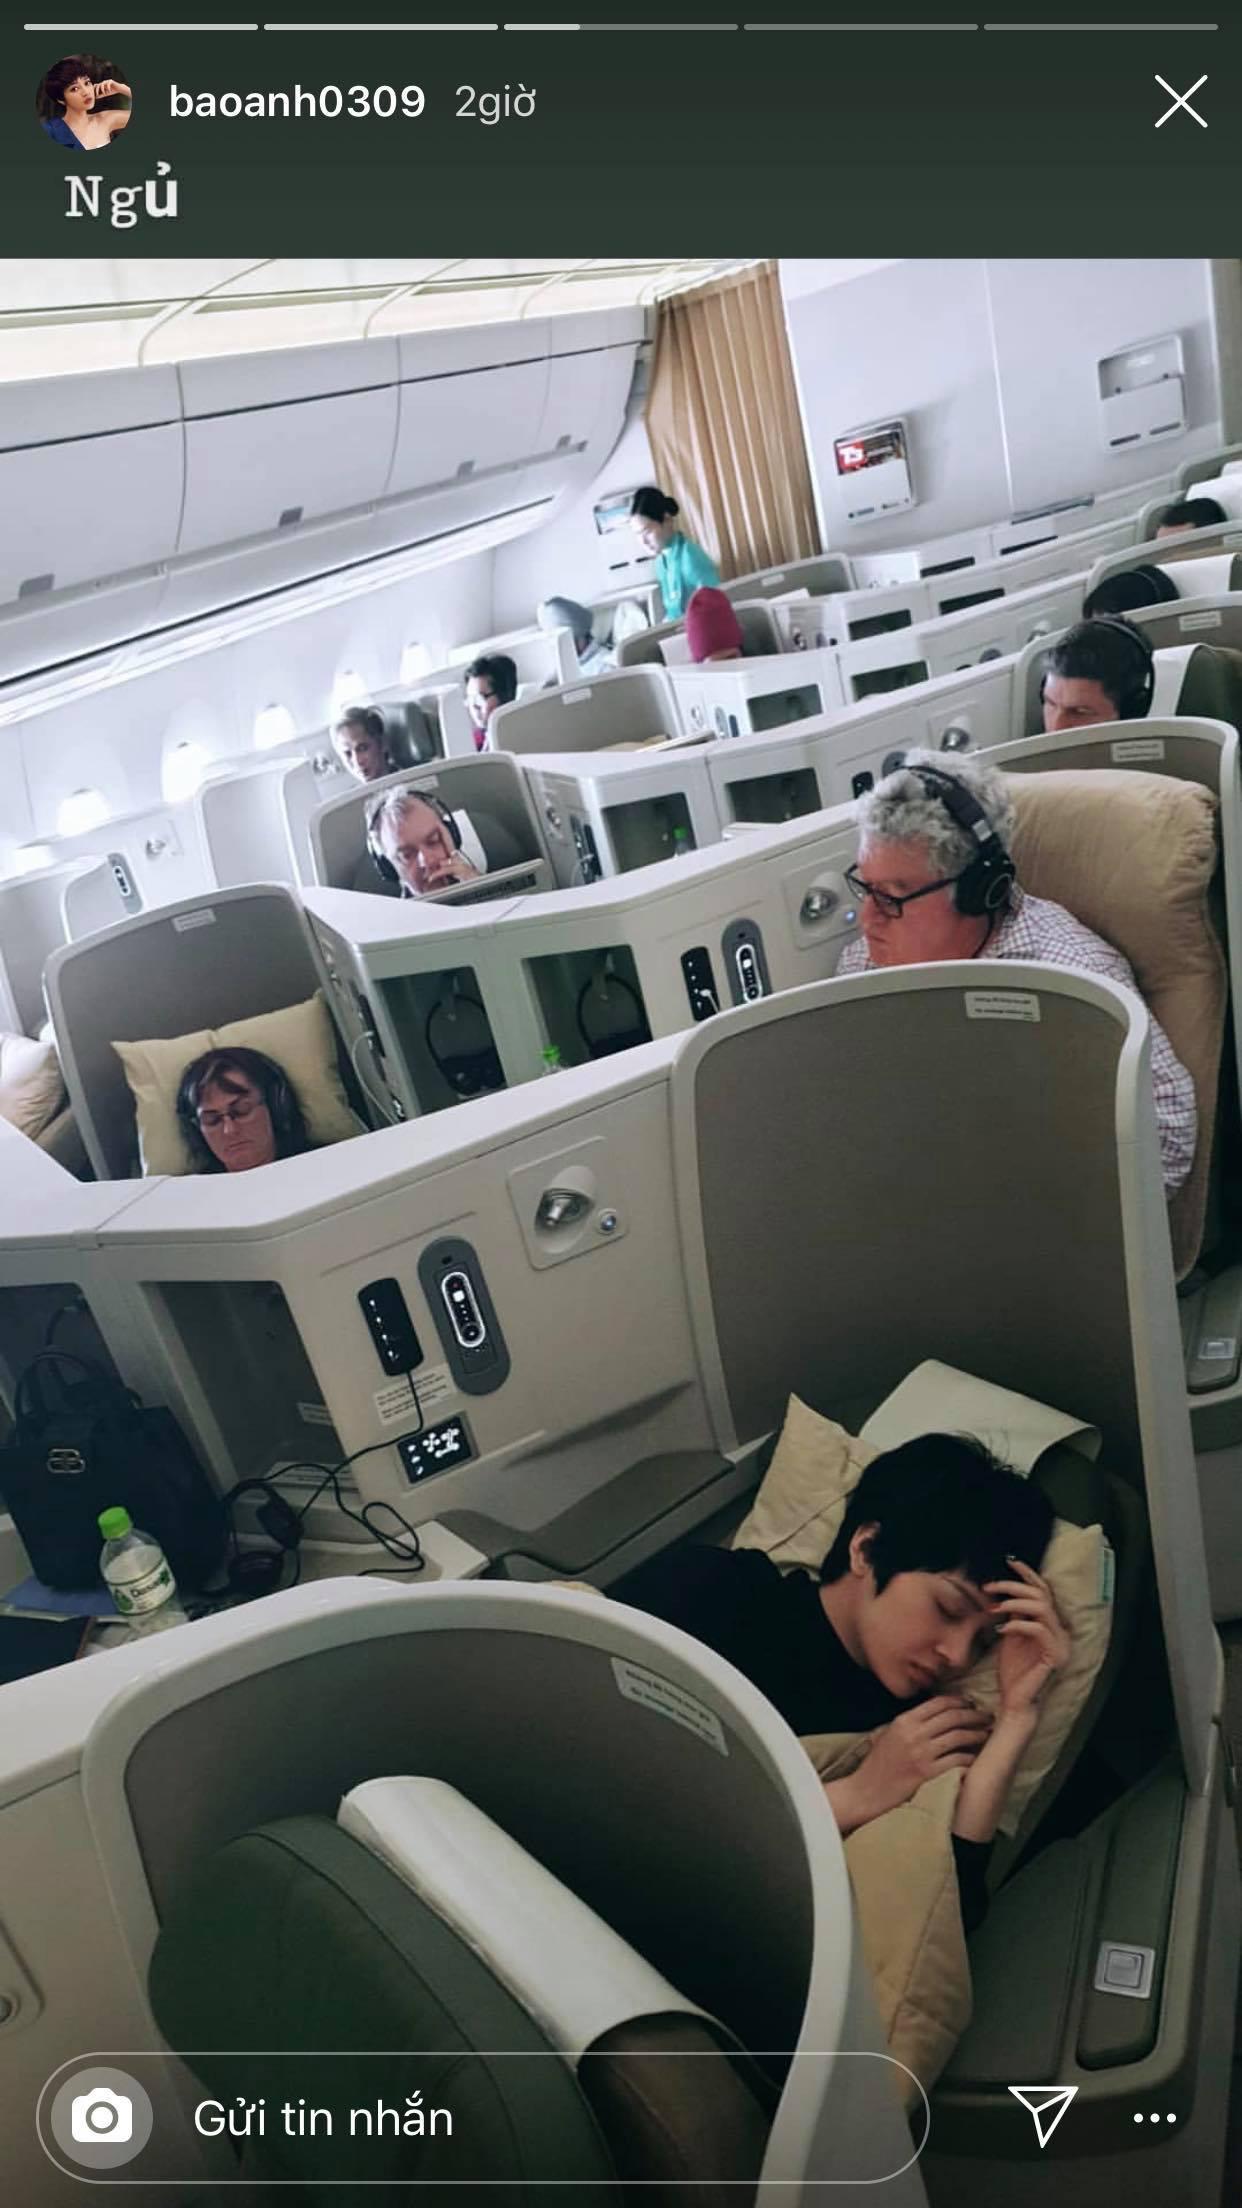 Kết quả hình ảnh cho bảo anh hồ quang hiếu scandal máy bay